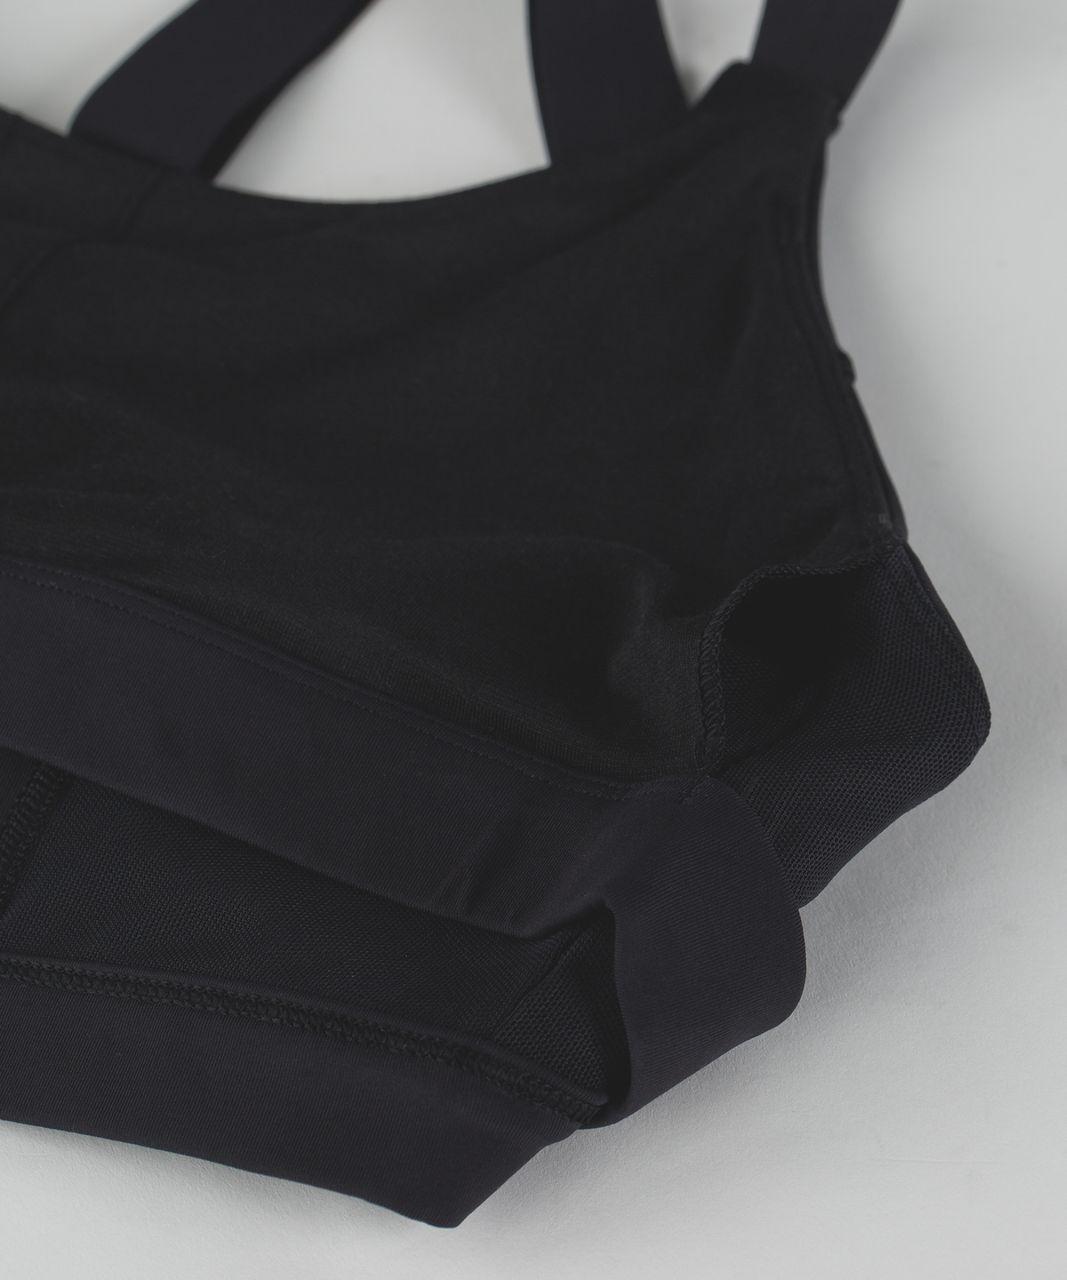 Lululemon Pure Practice Bra - Black